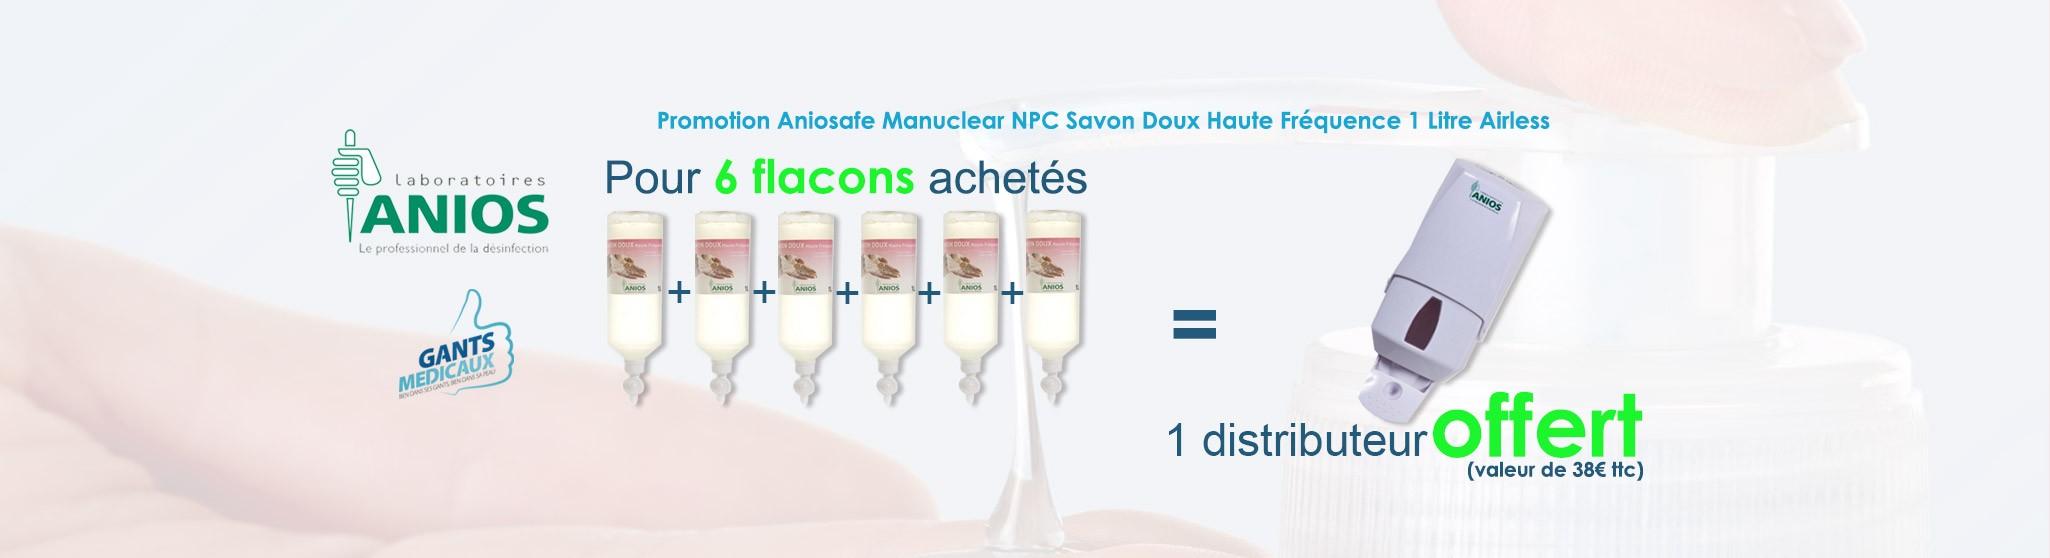 Promotion Anios Savon Doux Haute Fréquence